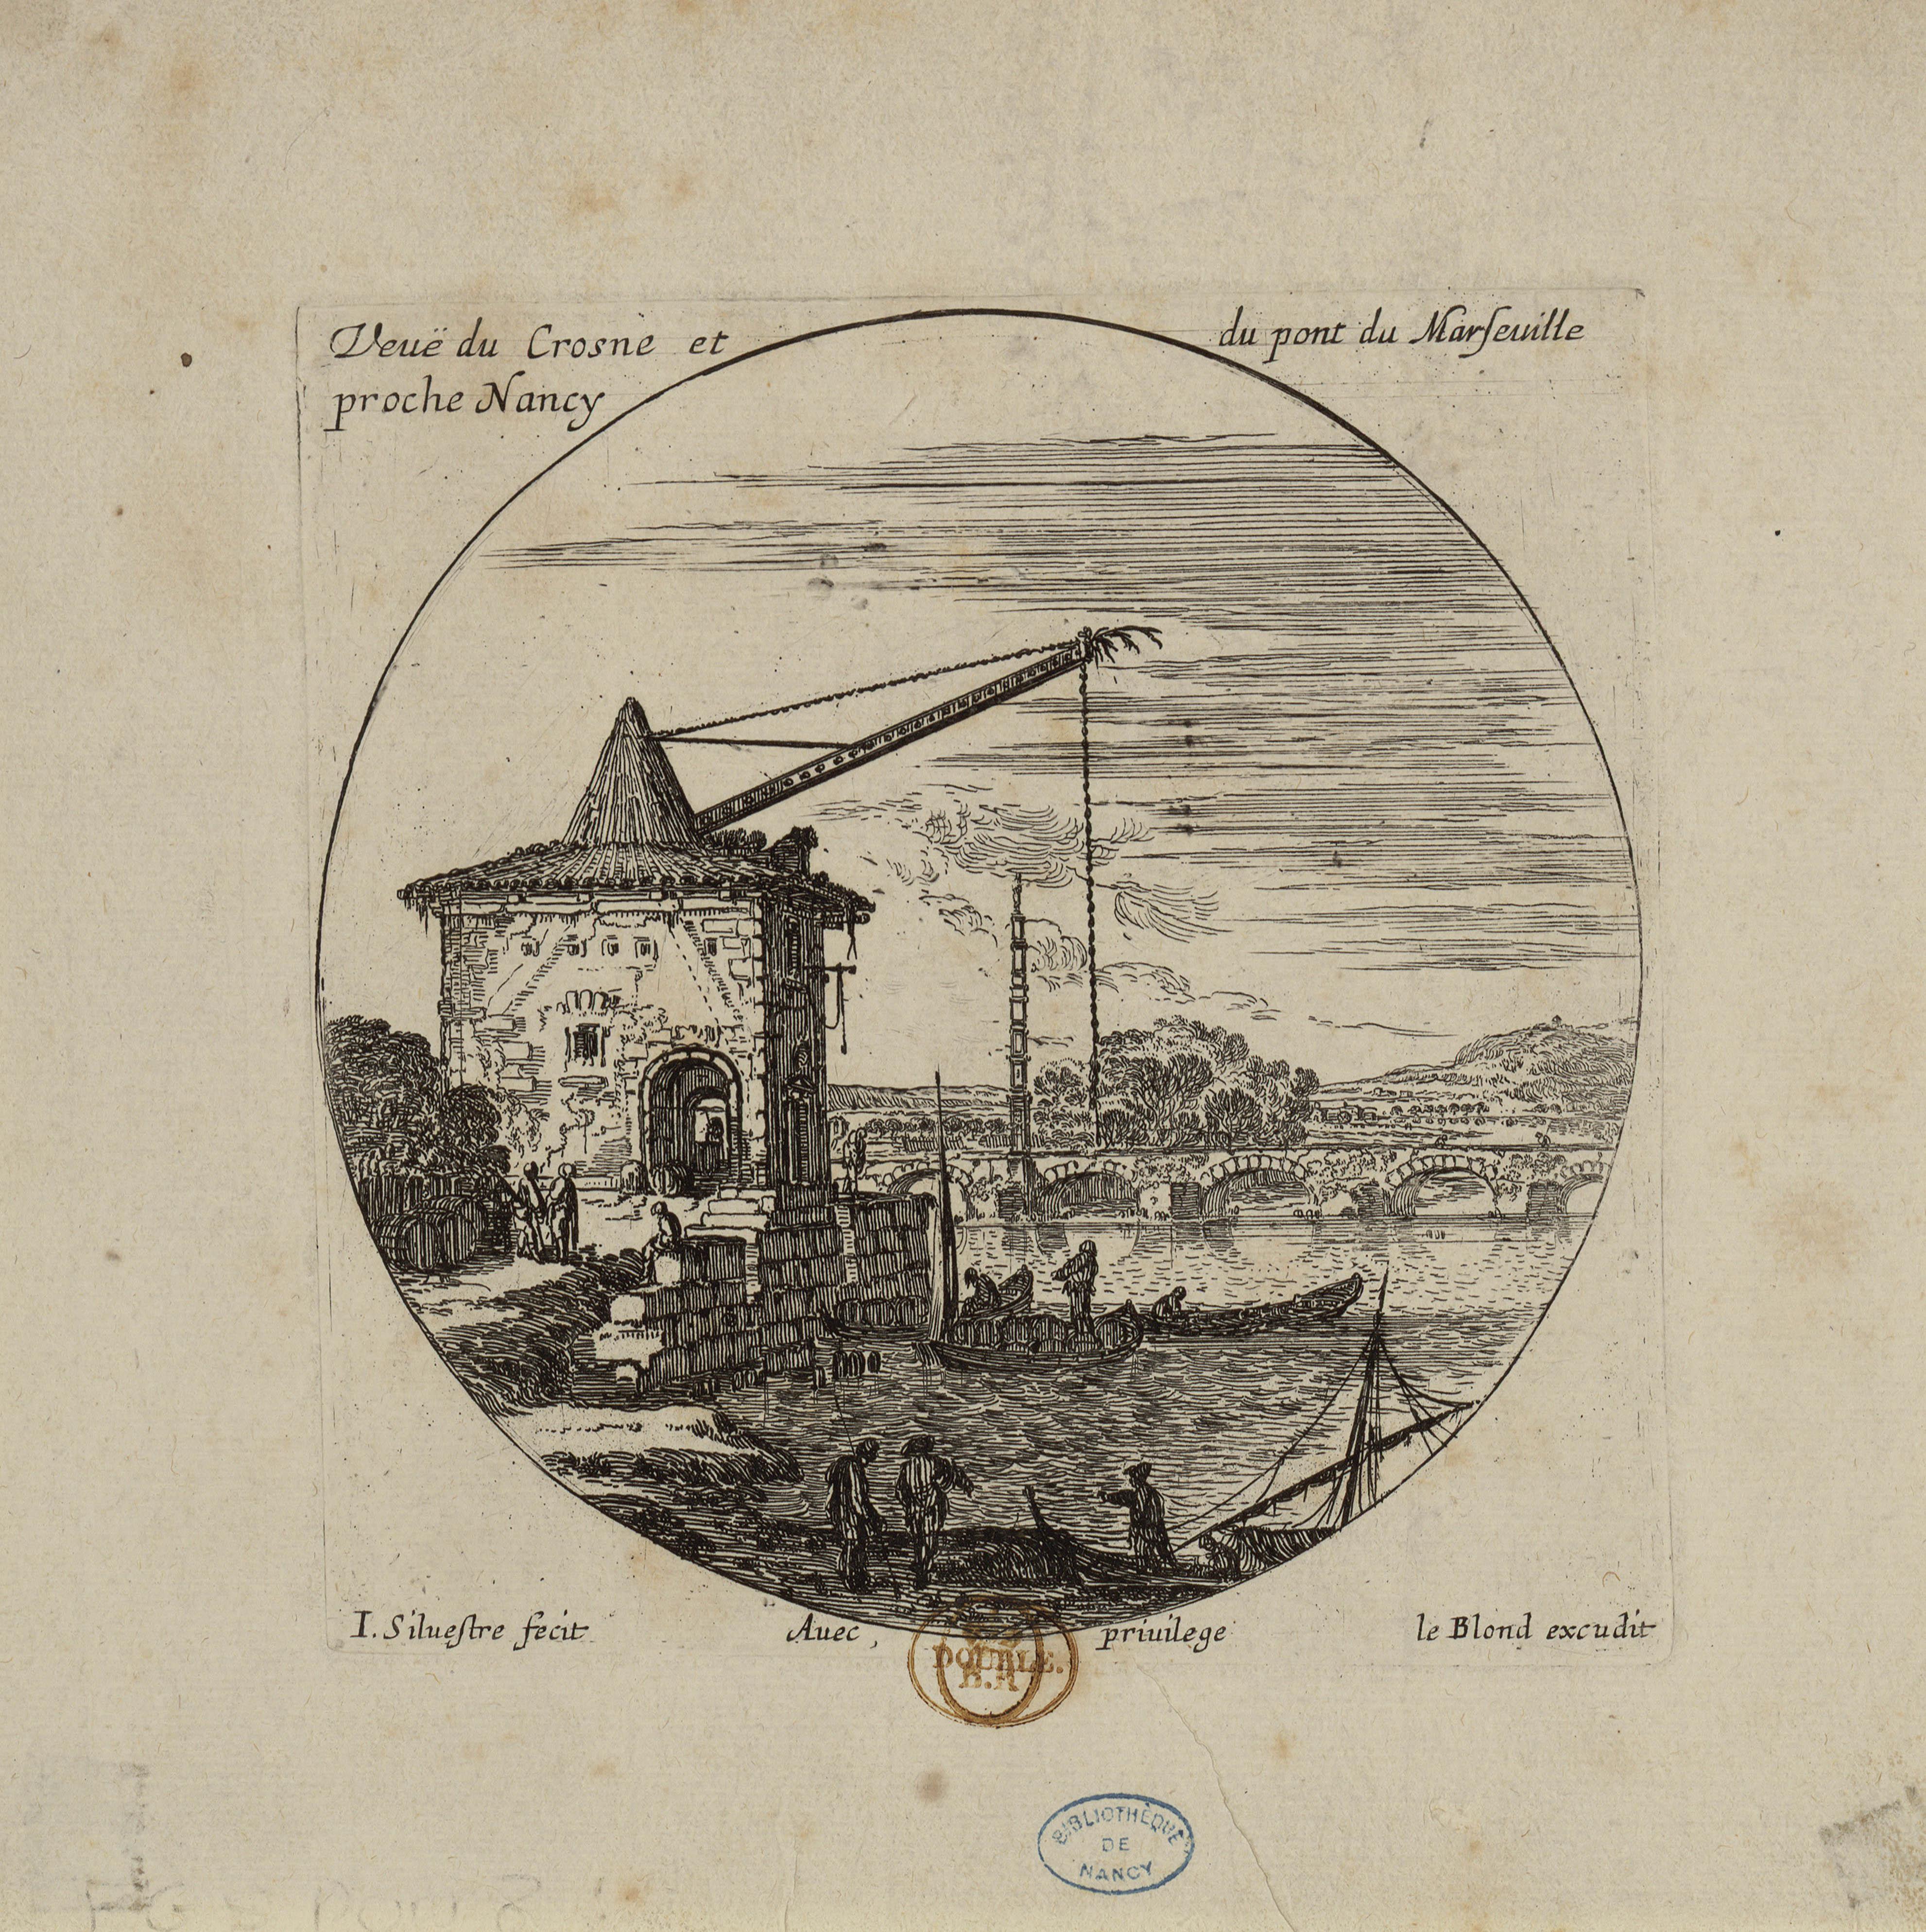 Contenu du Veuë du Crosne et du pont de Marseuille proche de Nancy